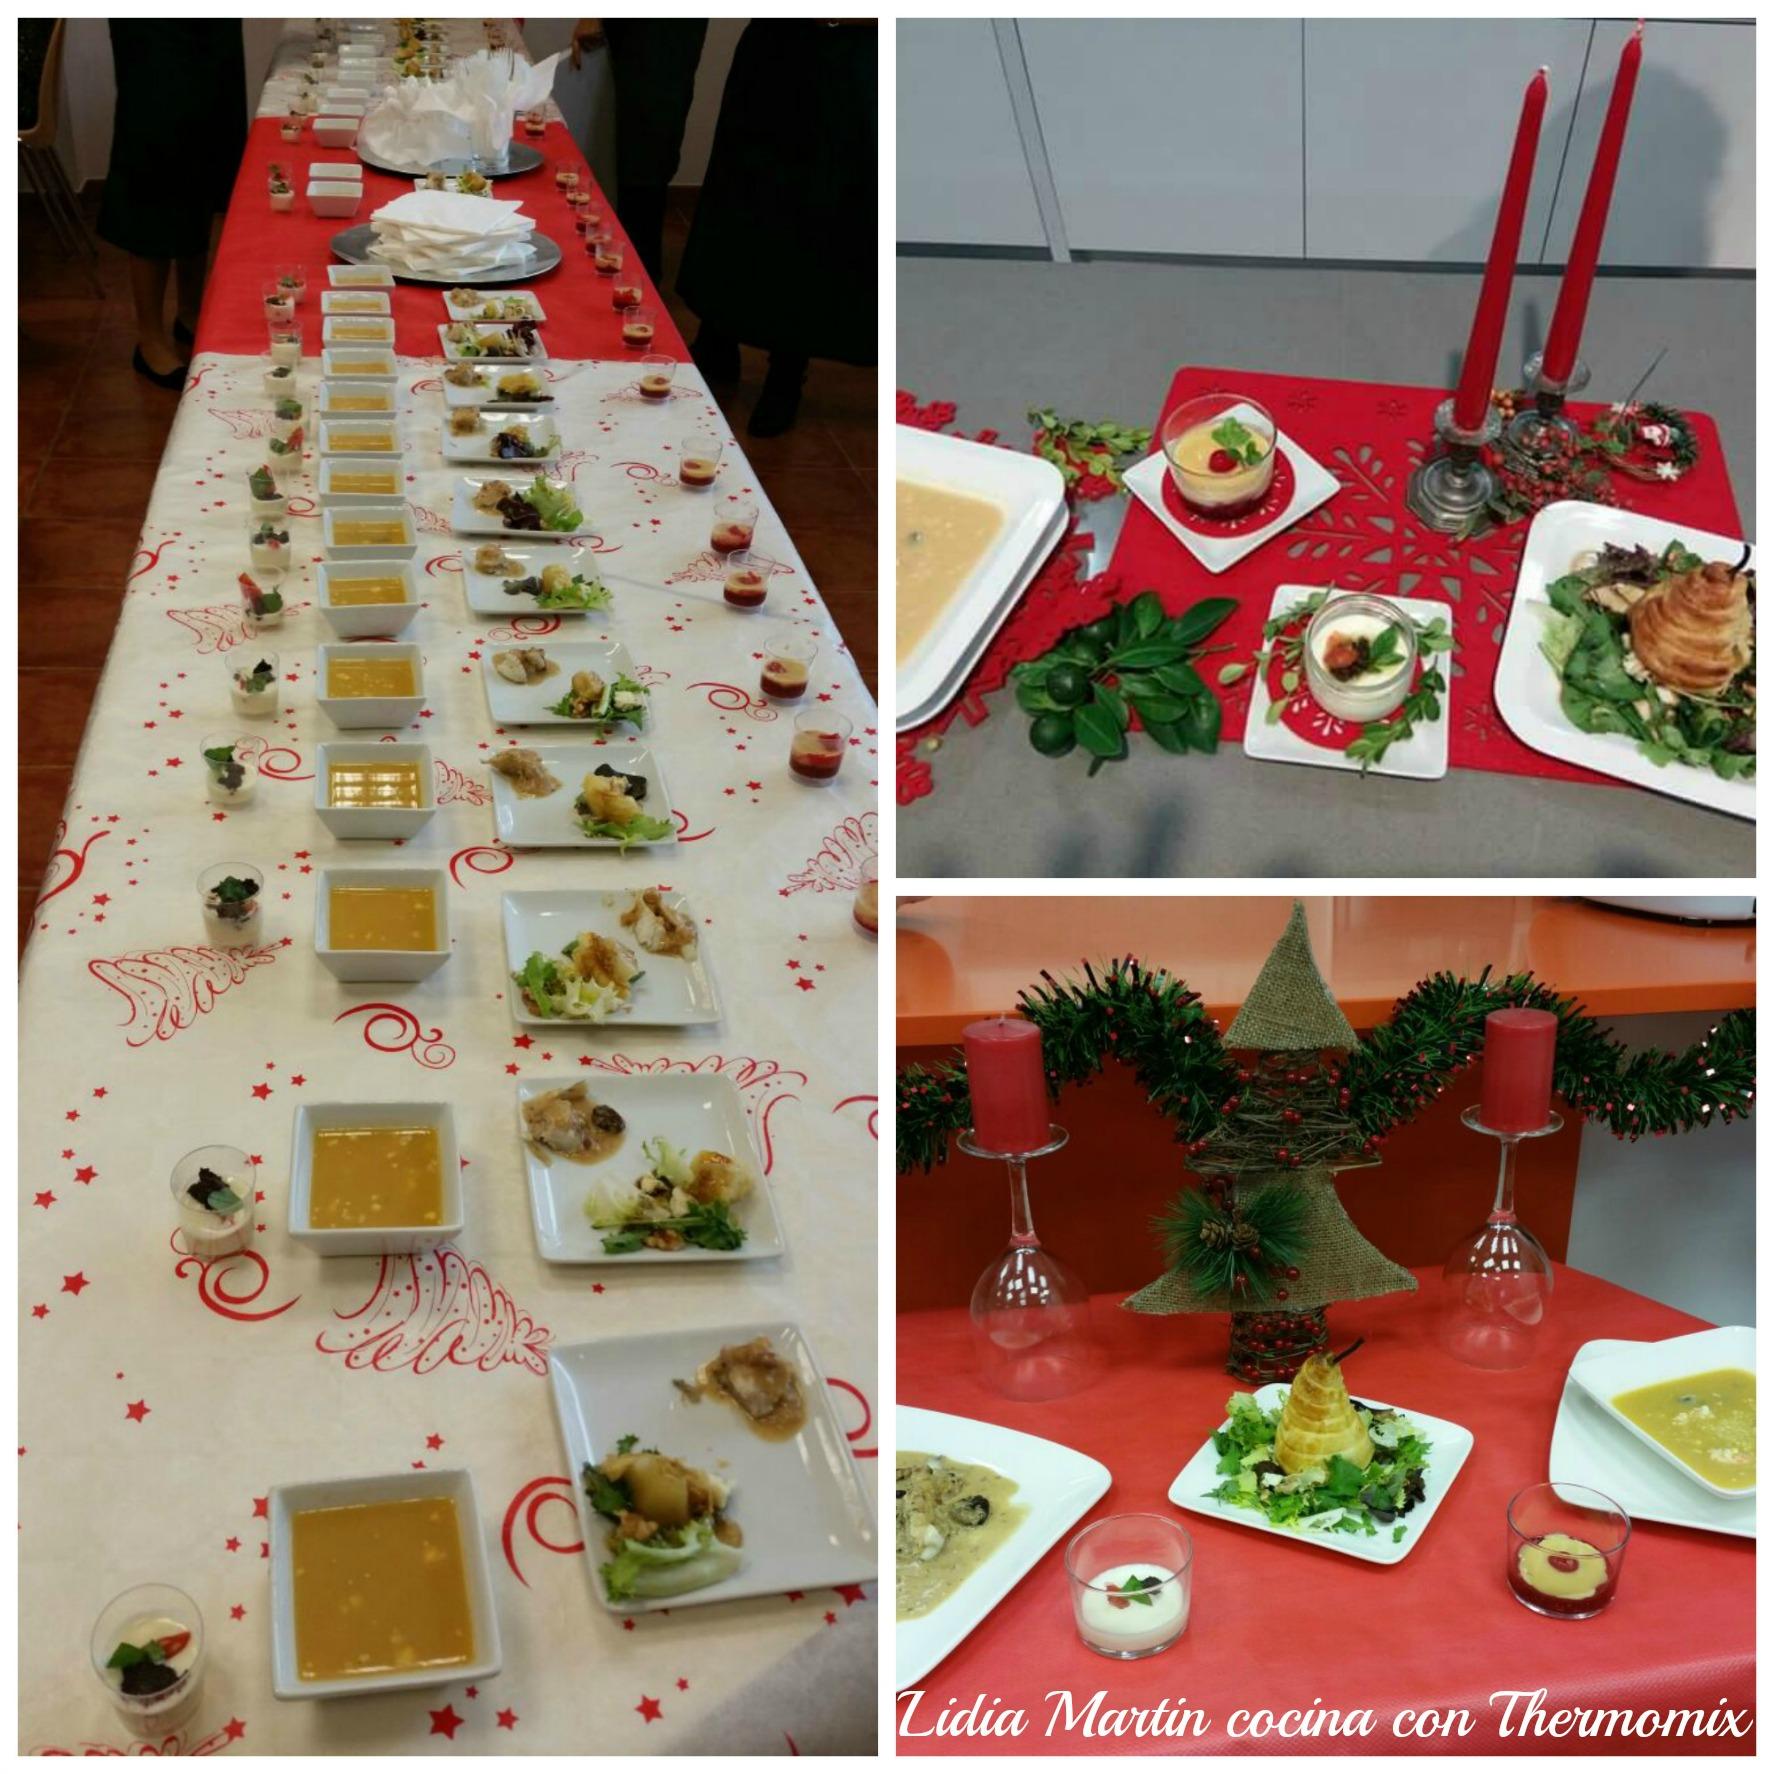 Apúntate a los talleres gratuitos de Navidad y repostería con Thermomix® que impartimos en la provincia de Málaga